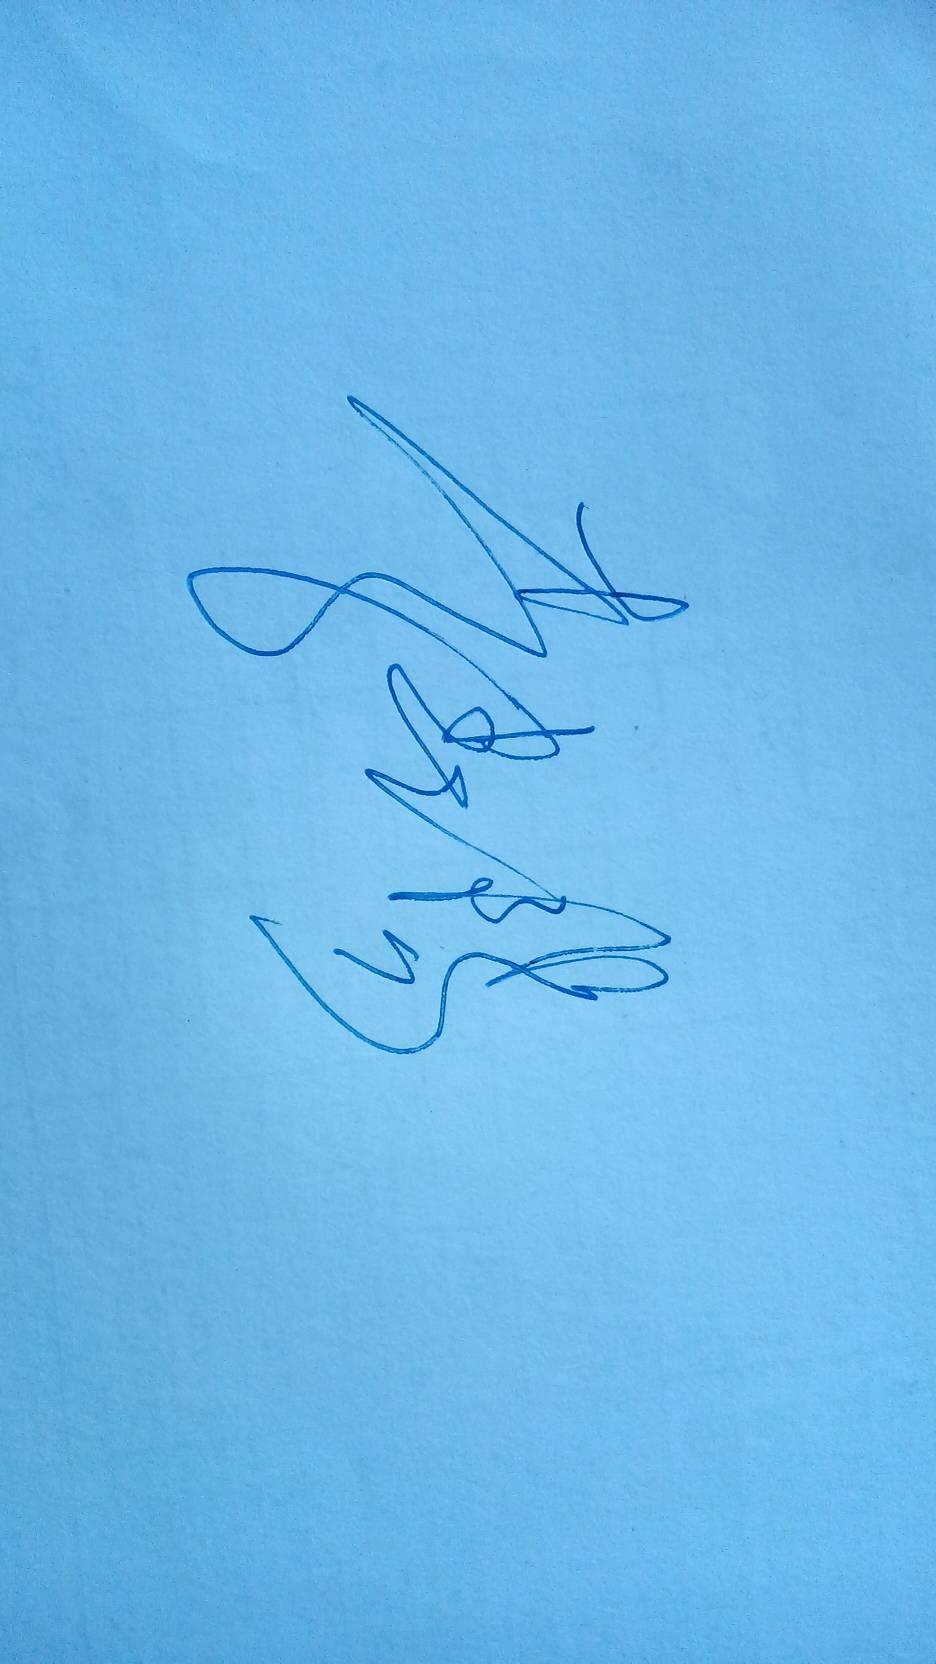 李春阳 的签名设计,谢谢.有好评图片